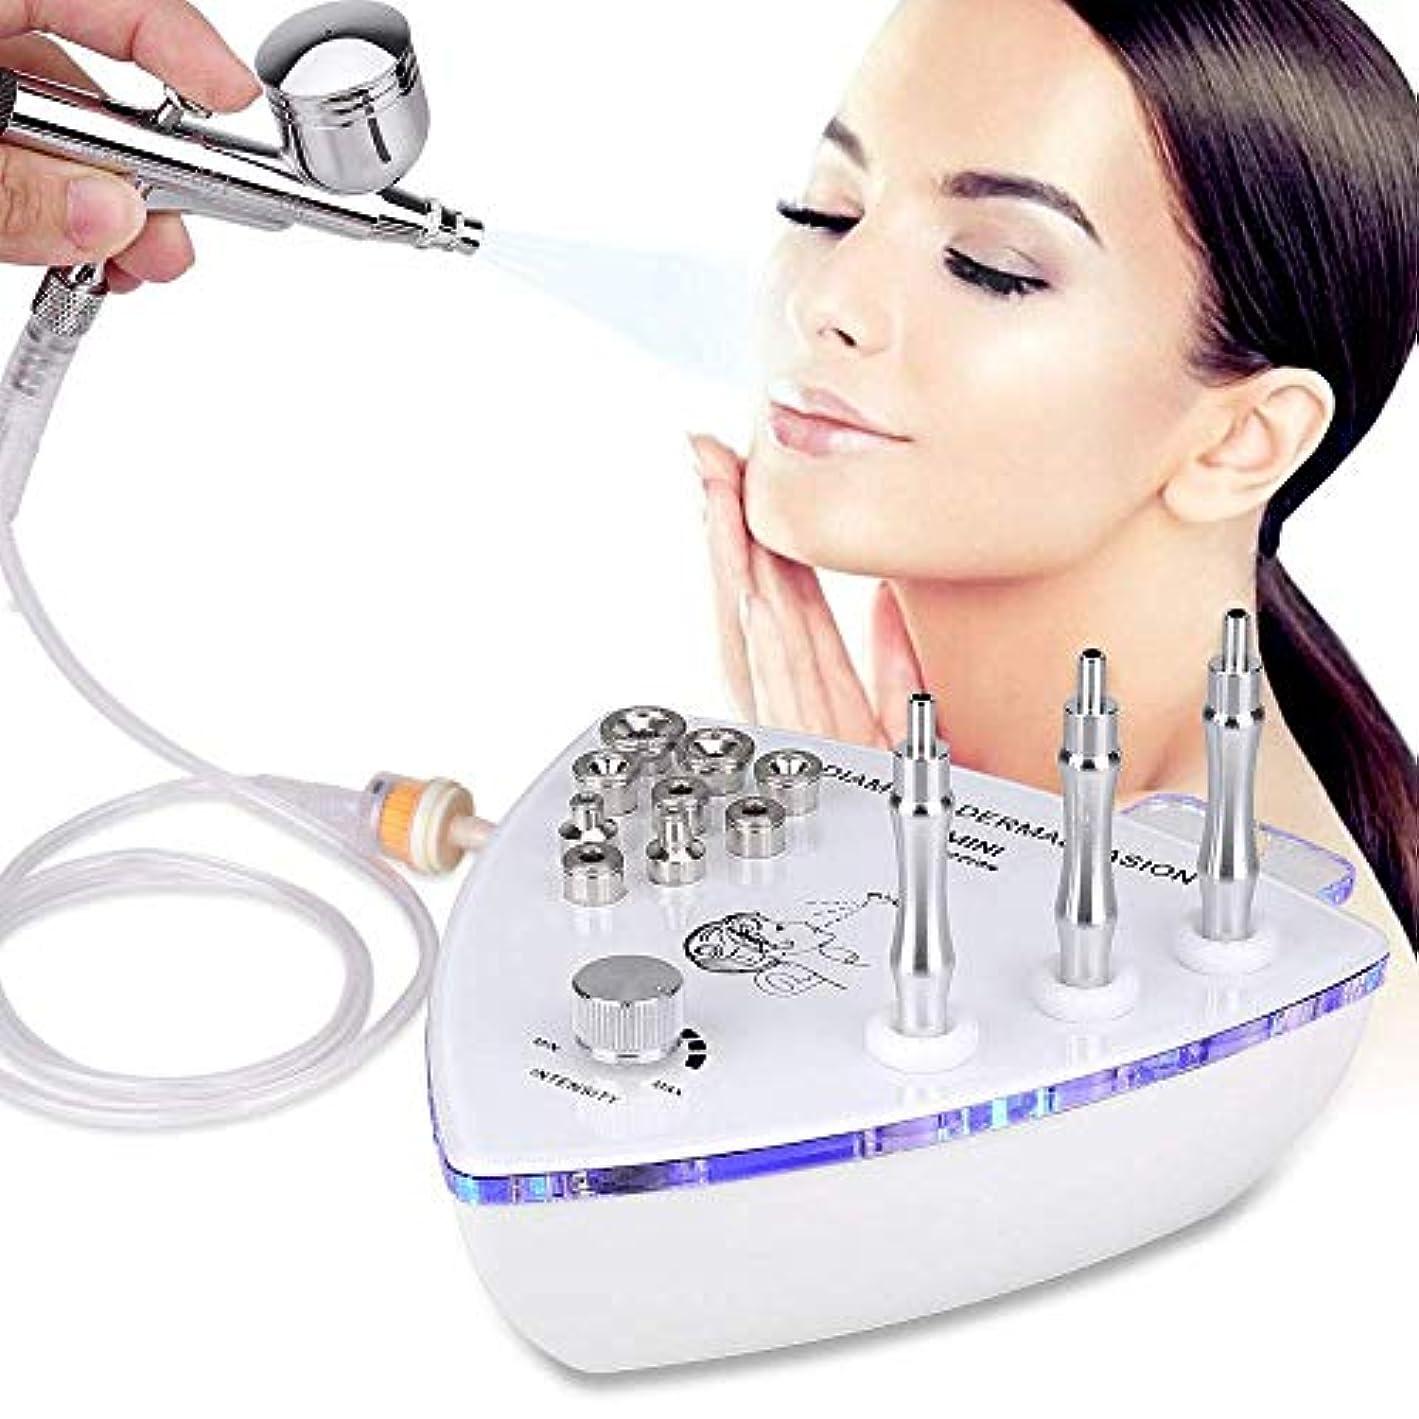 皿連続的ギャロップスプレーガン、プロ用皮膚剥離機、ウォータースプレー剥離顔面美容機付きダイヤモンドマイクロダーマブレーション皮膚剥離機(強力な吸引力:0-68cmHg)